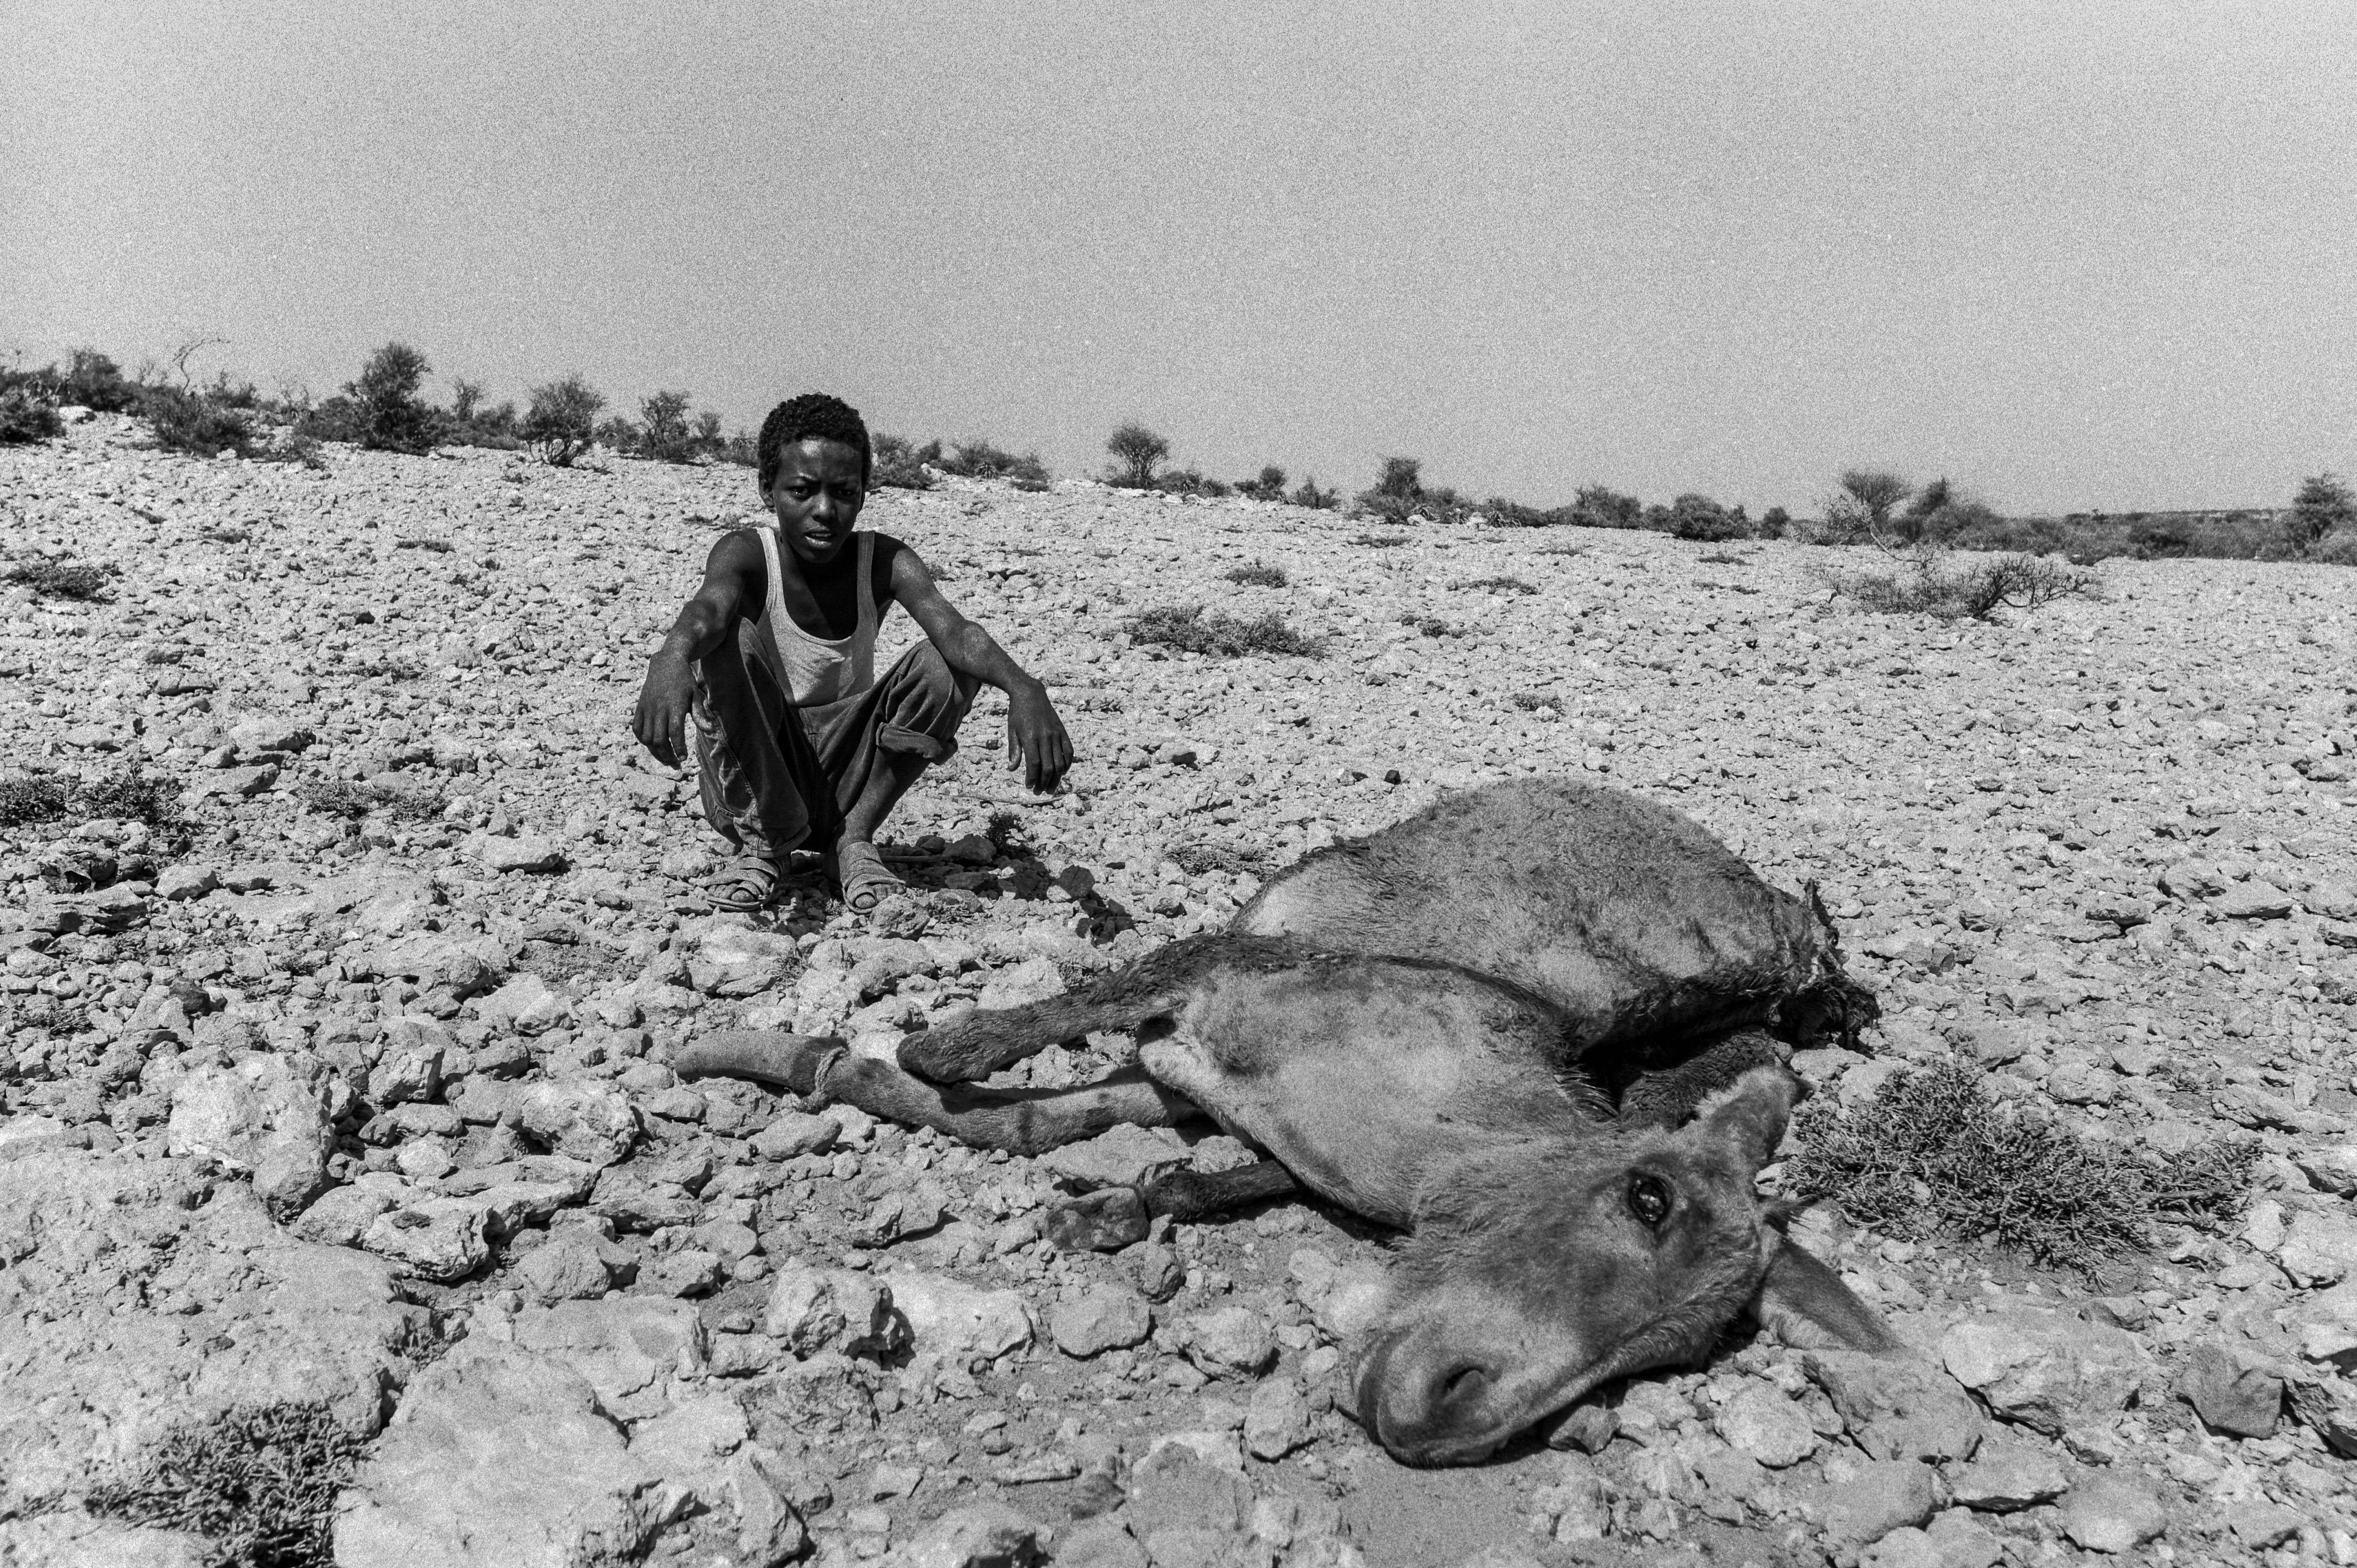 A boy sits near a dead donkey in Somalia. Photo by Sebastian Rich for UNICEF